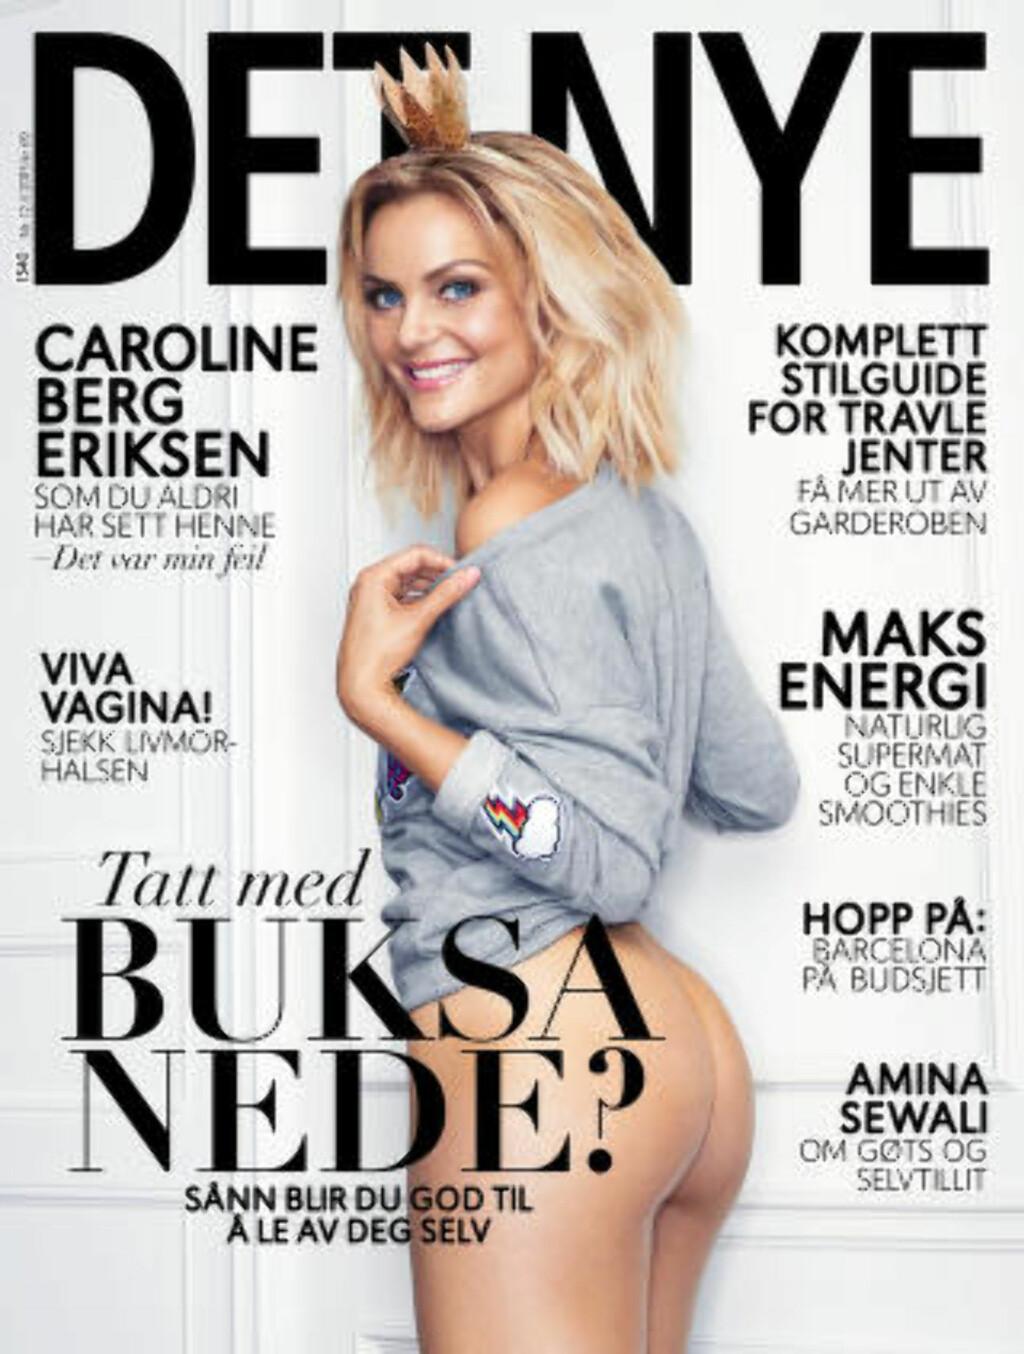 FIKK KRITIKK: Det Nyes forside med bloggeren Caroline Berg Eriksen med rumpa bar. Foto: Faksimile